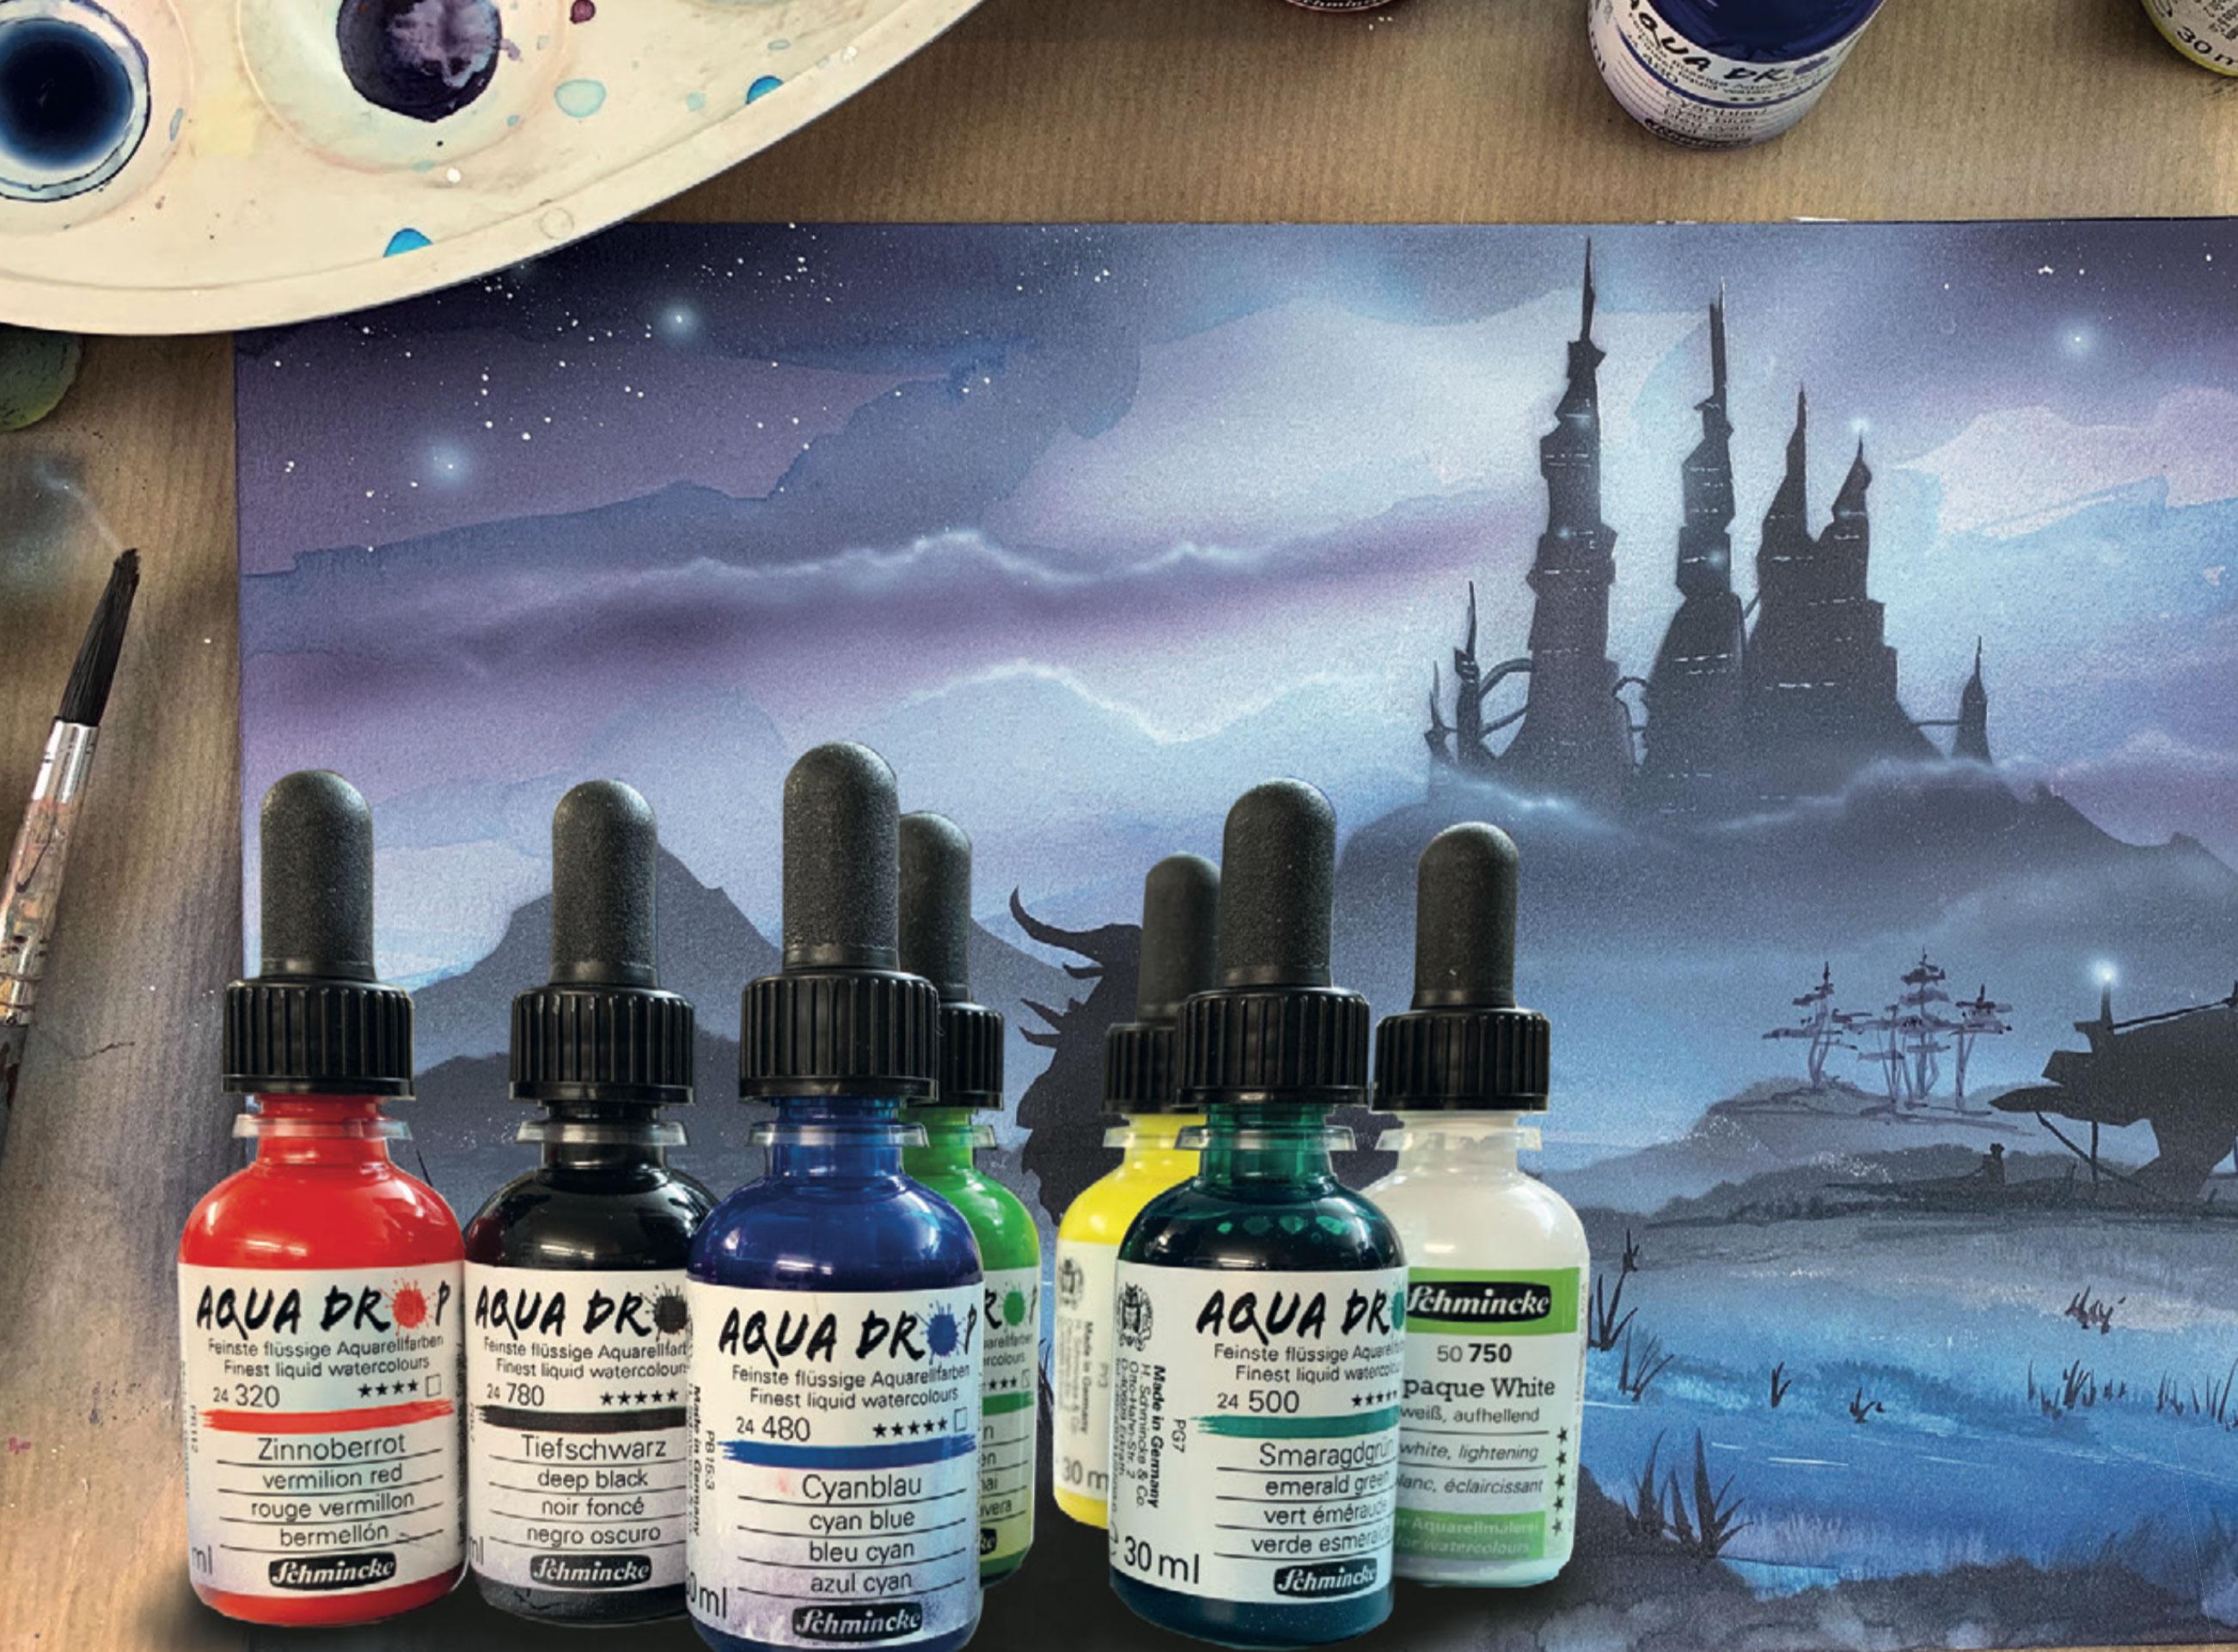 Schmincke Aqua Drop: Fluid watercolors for high-value airbrush illustrations